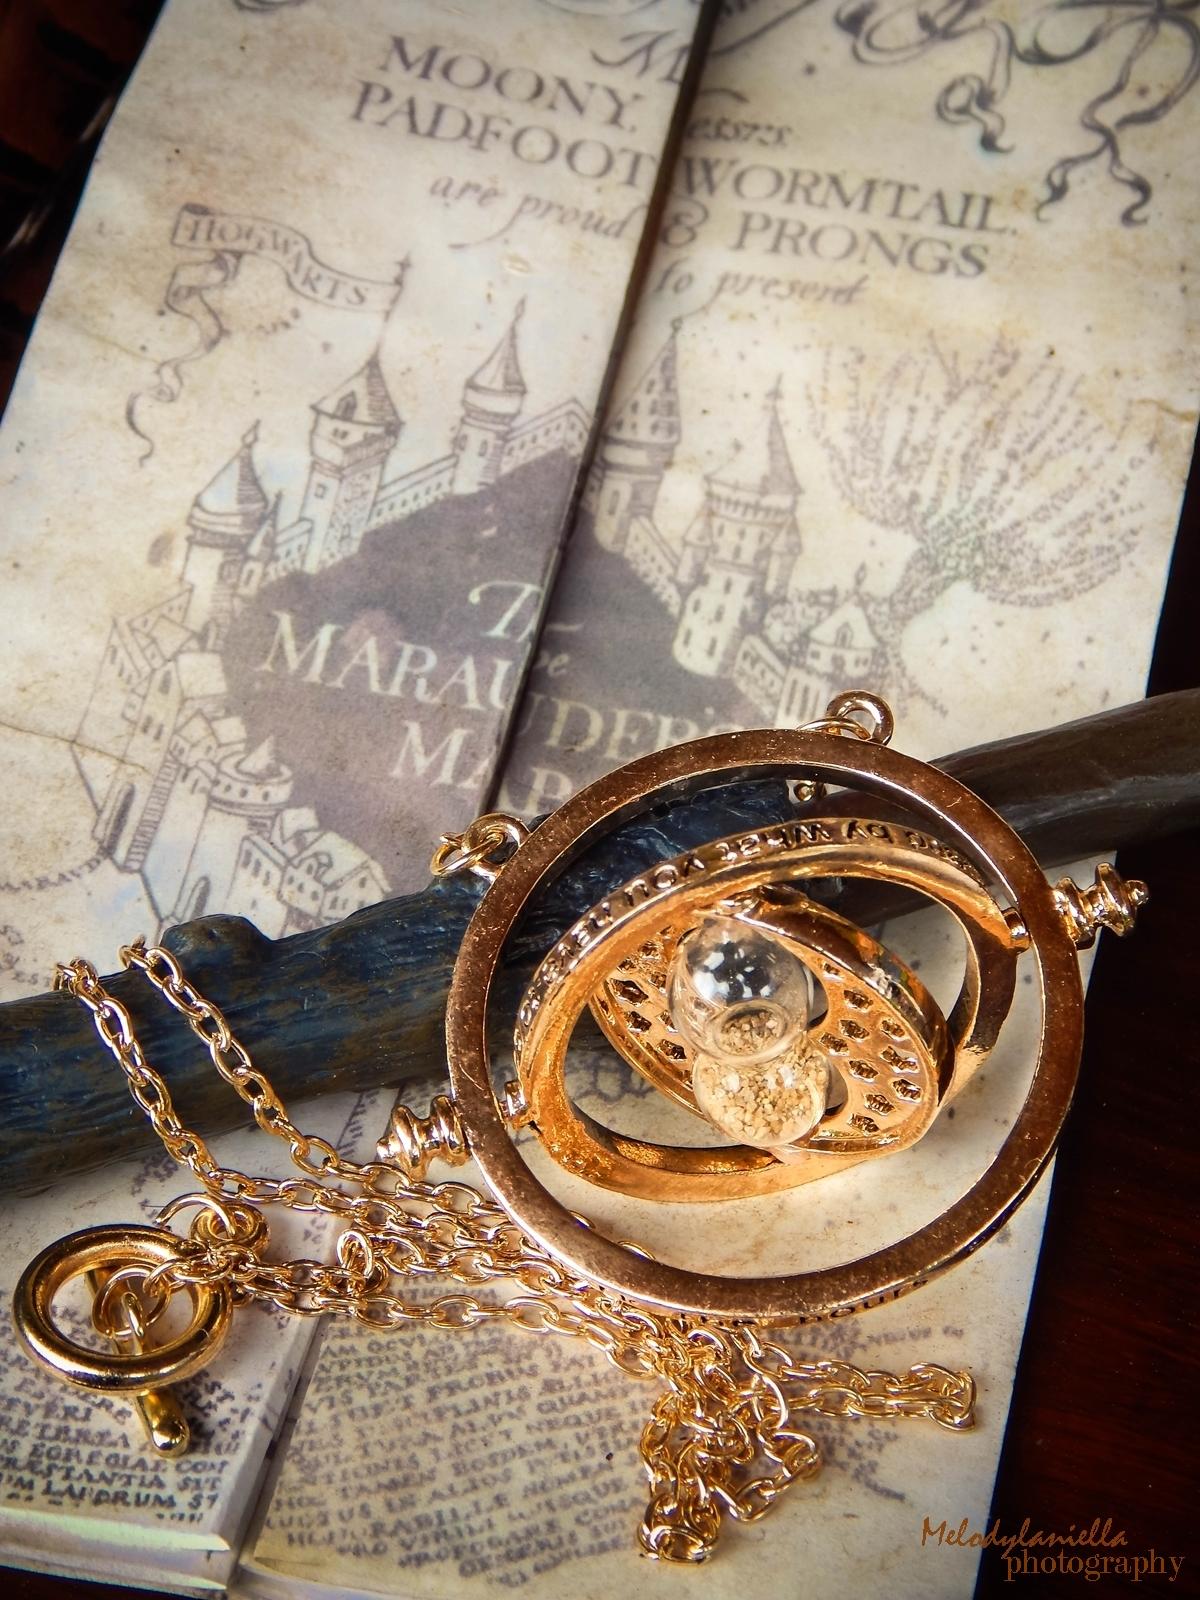 harry potter różdżka zmieniacz czasu mapa huncwotów ksiązki mugole prezenty bizuteria złoty znicz pióro sowa mapa dla fanów prezent złoto mapa hosmeghade hermiona